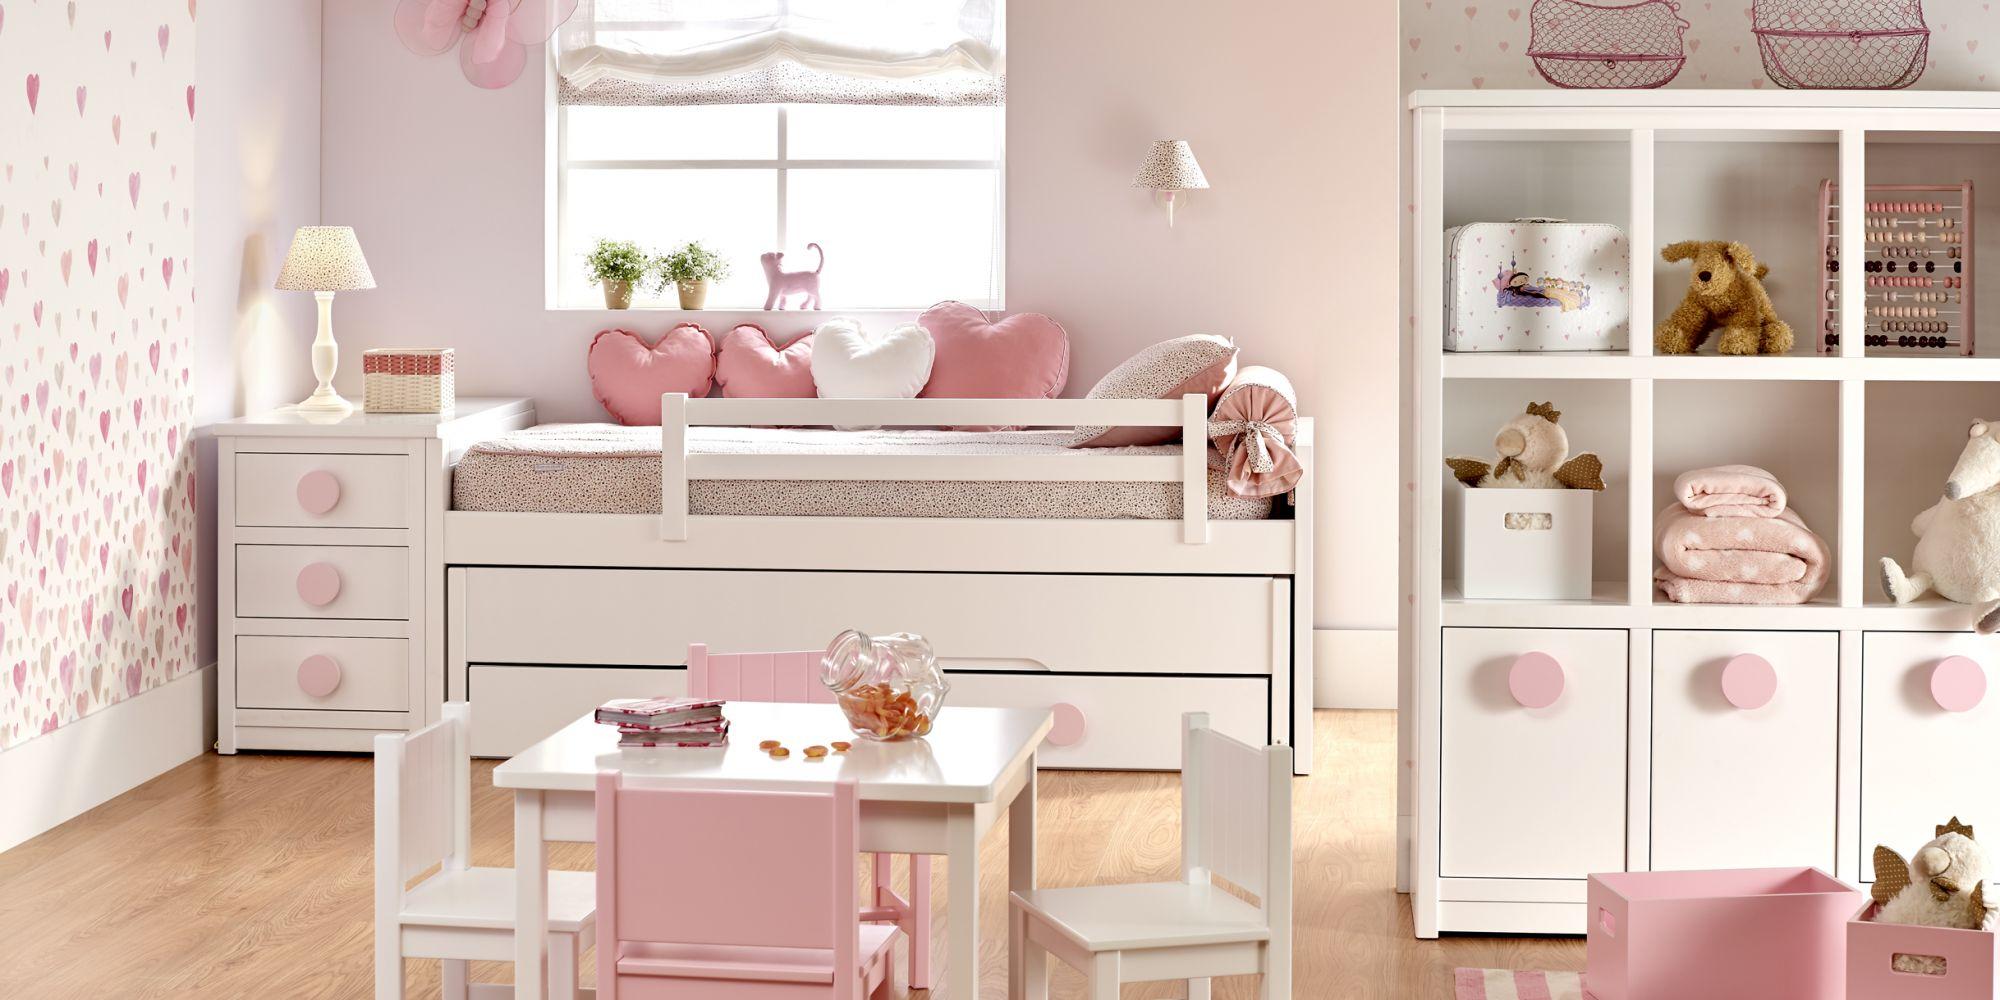 Minicompacto con 2 camas, auxiliar de cajones y librero ideal para habitaciones infantiles   Mueble Infantil